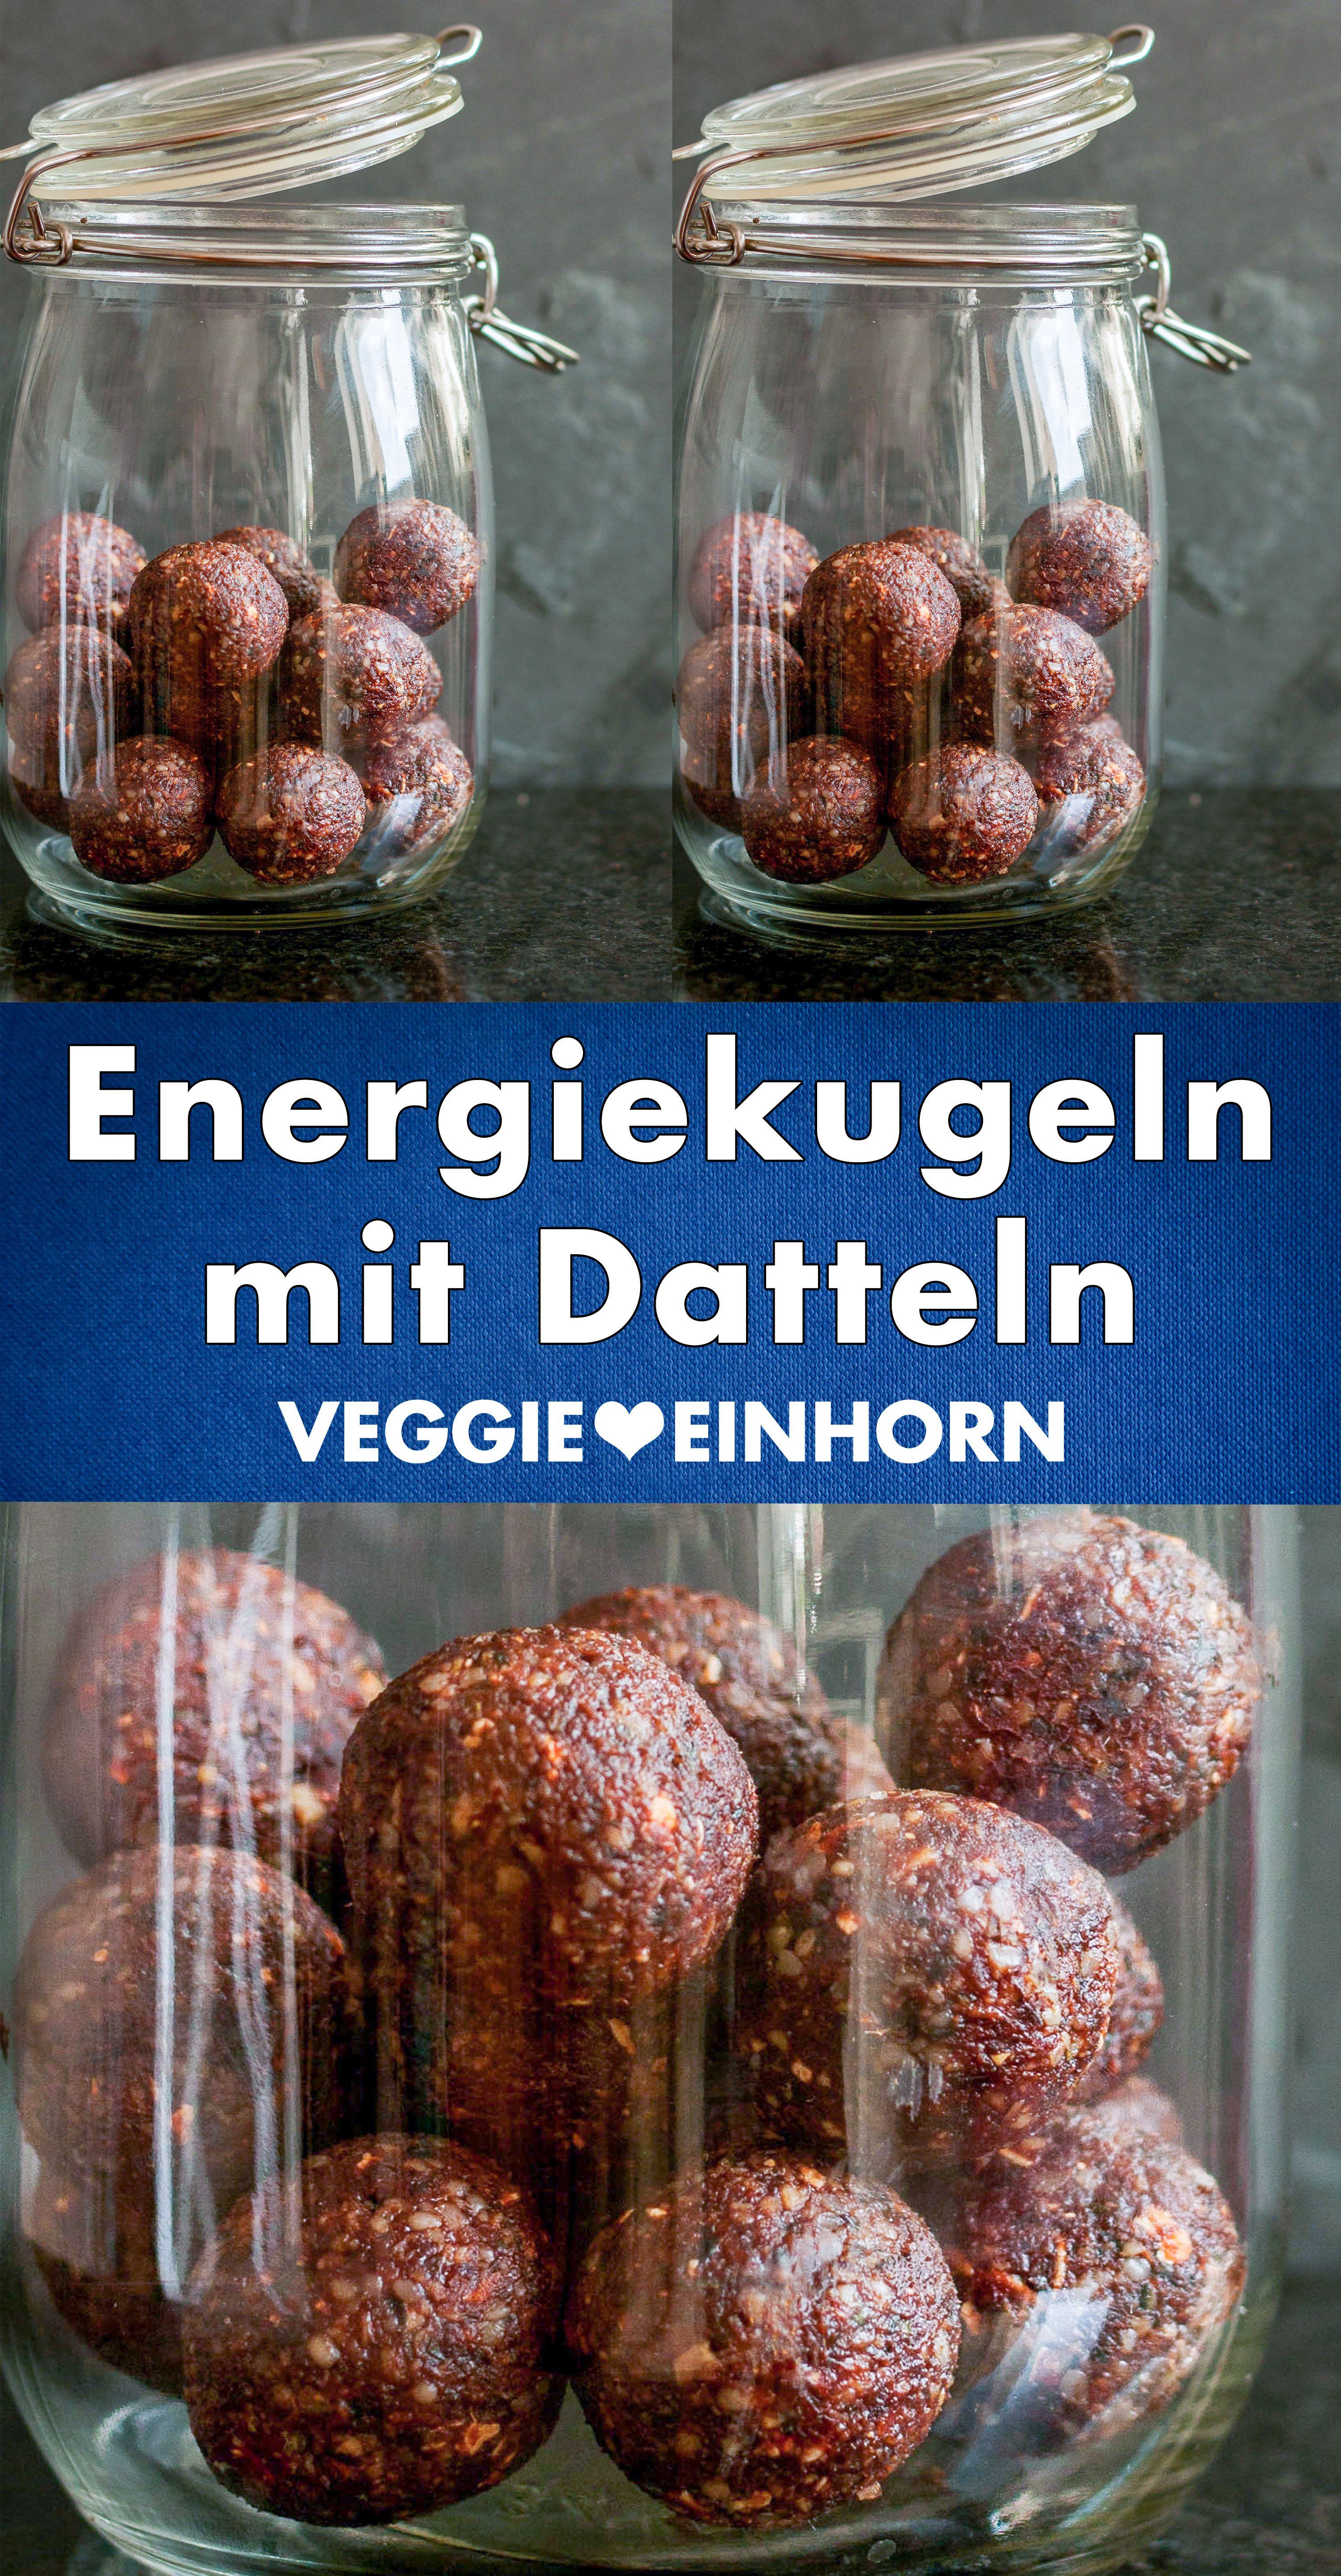 Energiekugeln mit Datteln | Einfaches Rezept ohne